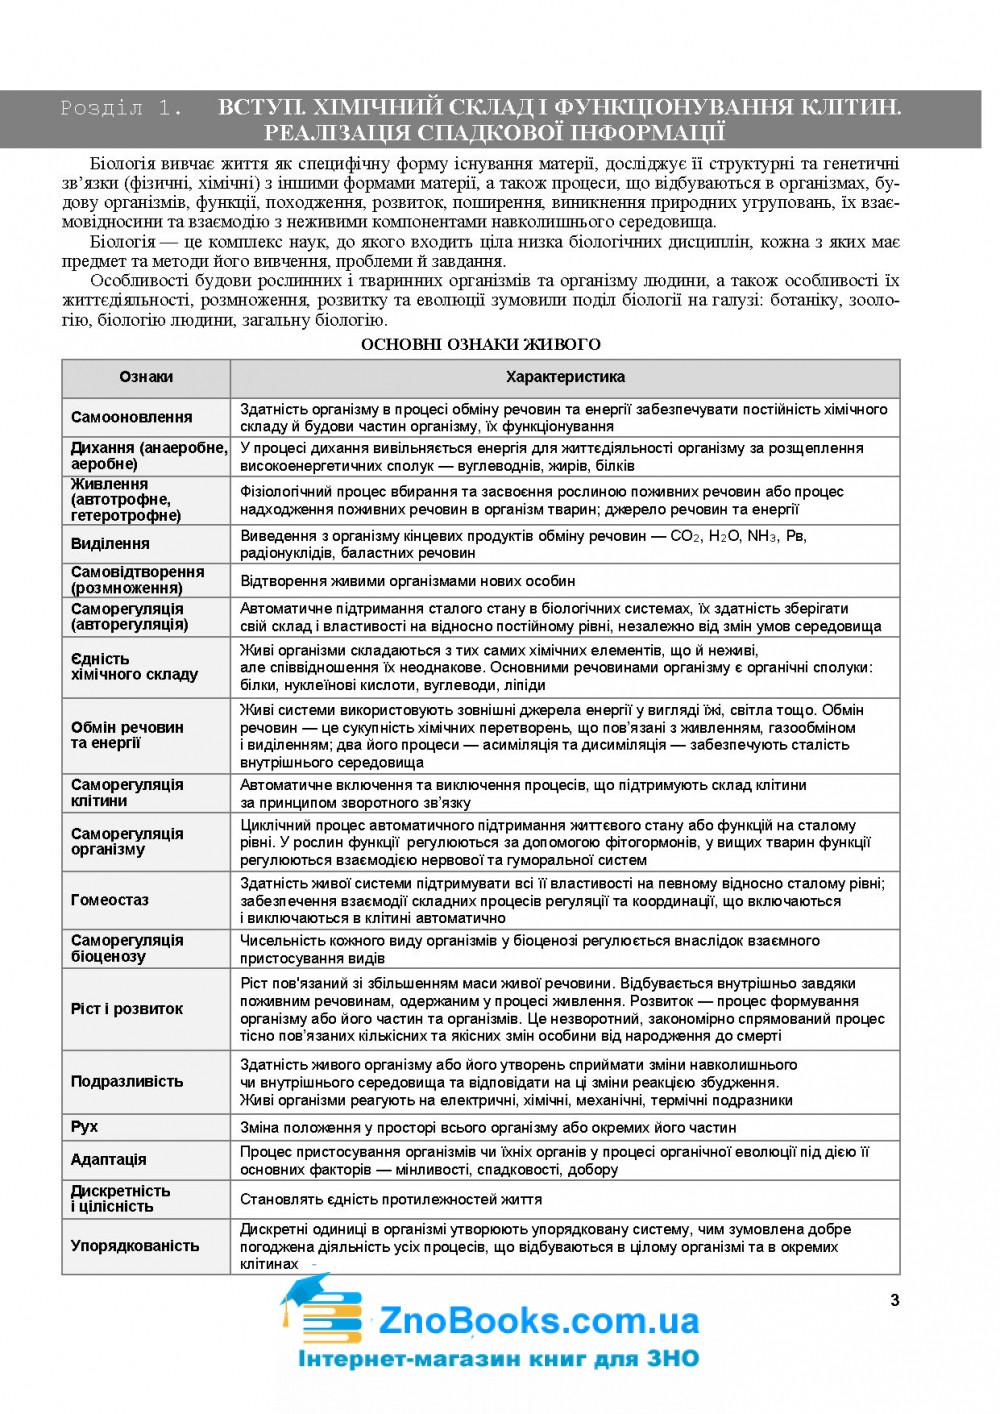 Біологія в таблицях і схемах до ЗНО 2021 : Барна І. Підручники і посібники 3